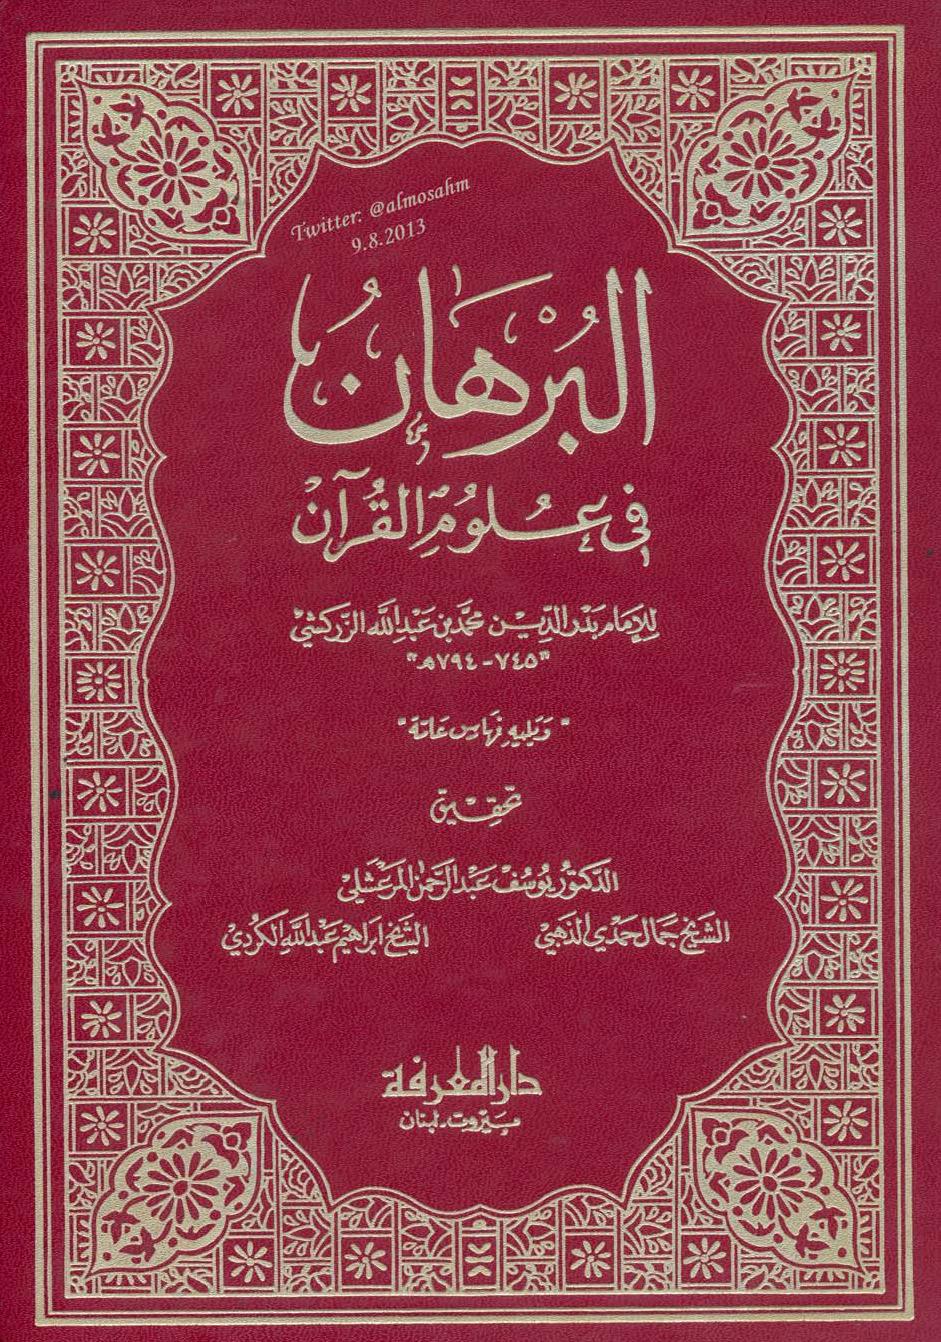 تحميل كتاب البرهان في علوم القرآن (ت المرعشلي) لـِ: الإمام أبو عبد الله بدر الدين محمد بن عبد الله بن بهادر الزركشي الشافعي (ت 794)